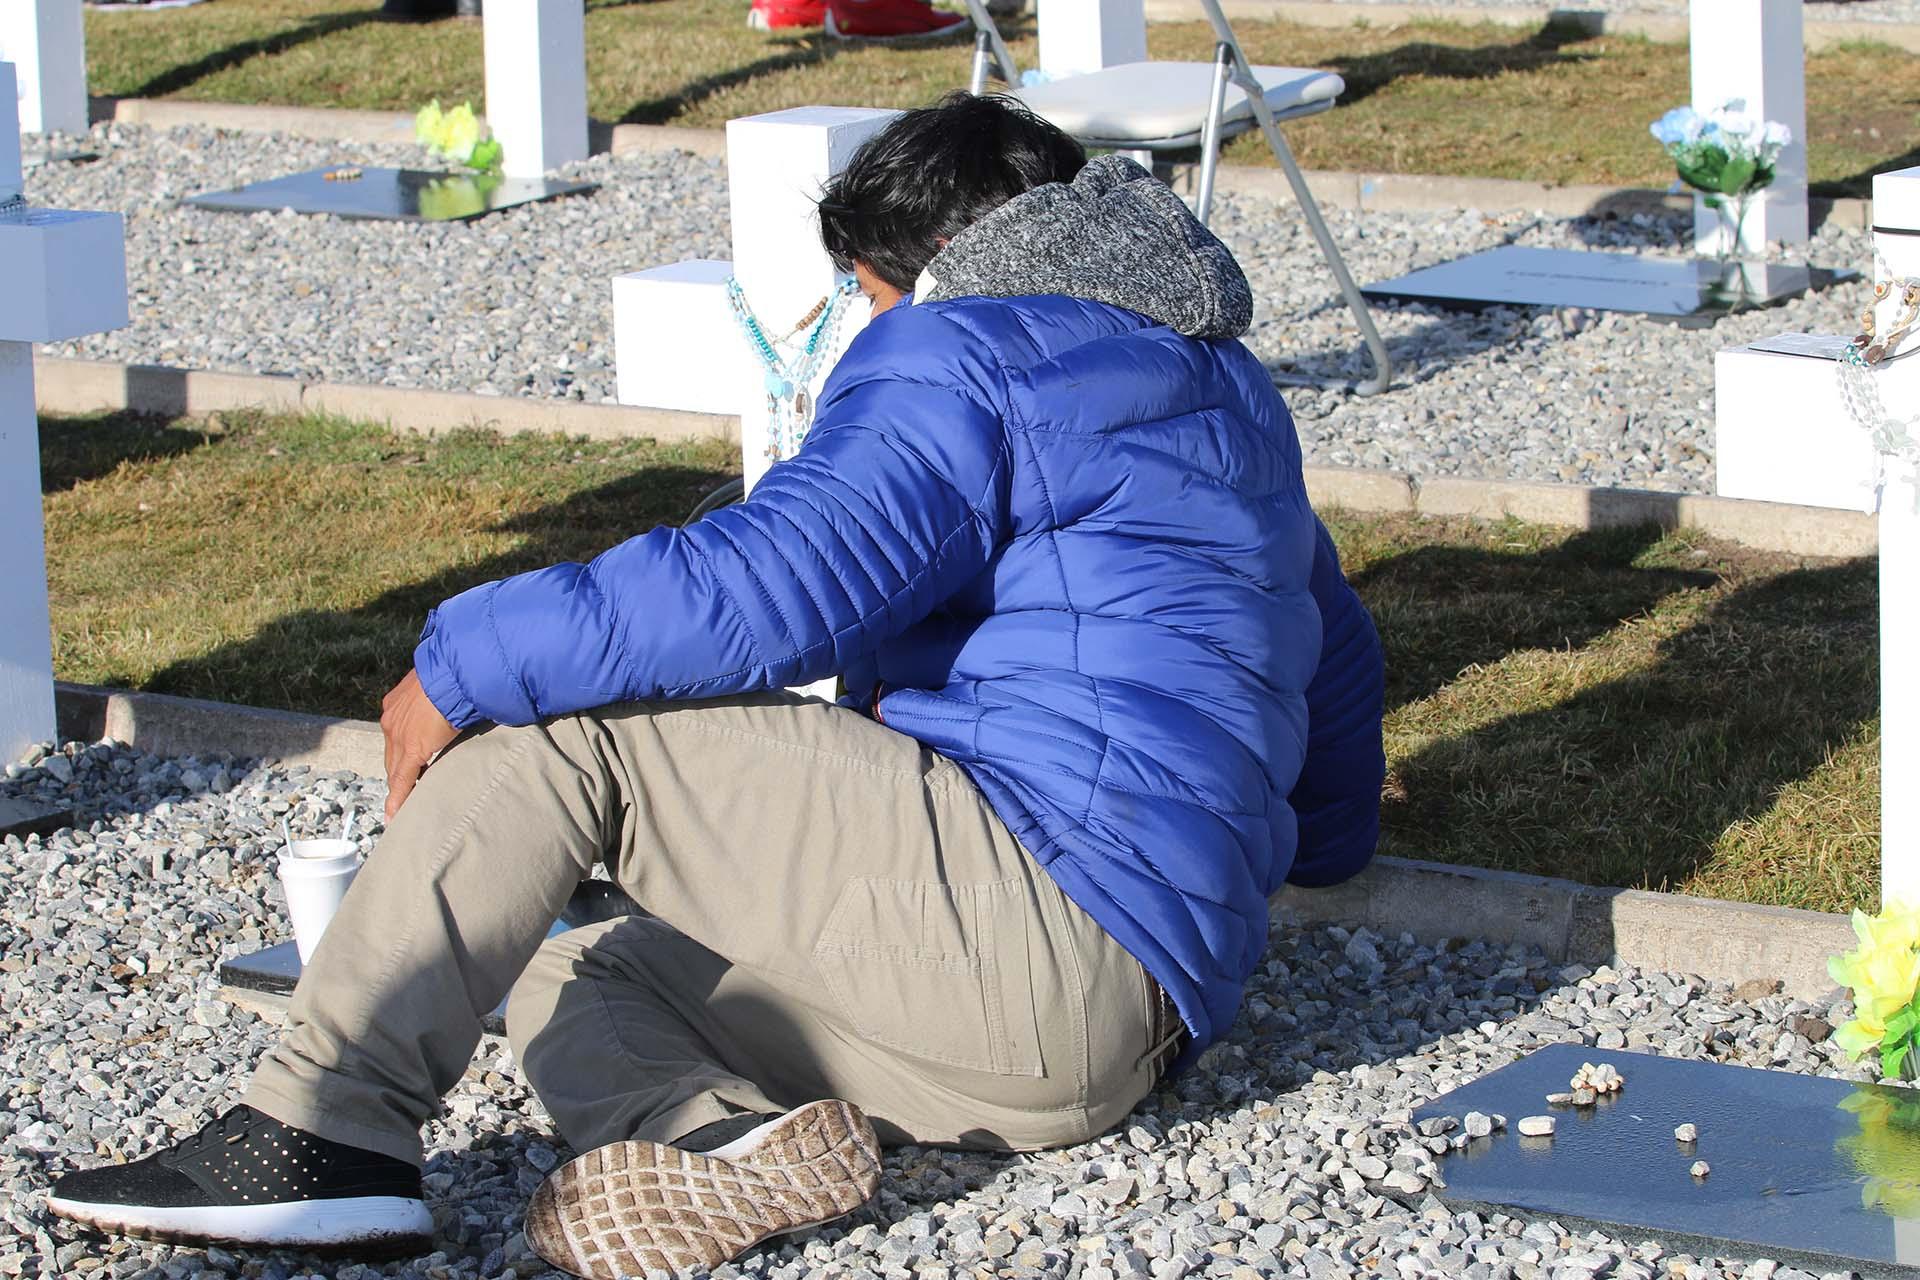 """Las 248 personas que llegaron a las islas lo hicieron en dos vuelos de Andes. El comandante de cada uno de los vuelos recibió a los pasajeros con un mensaje especial: """"Me siento honrado de llevarlos al destino de Malvinas en este viaje humanitario"""""""